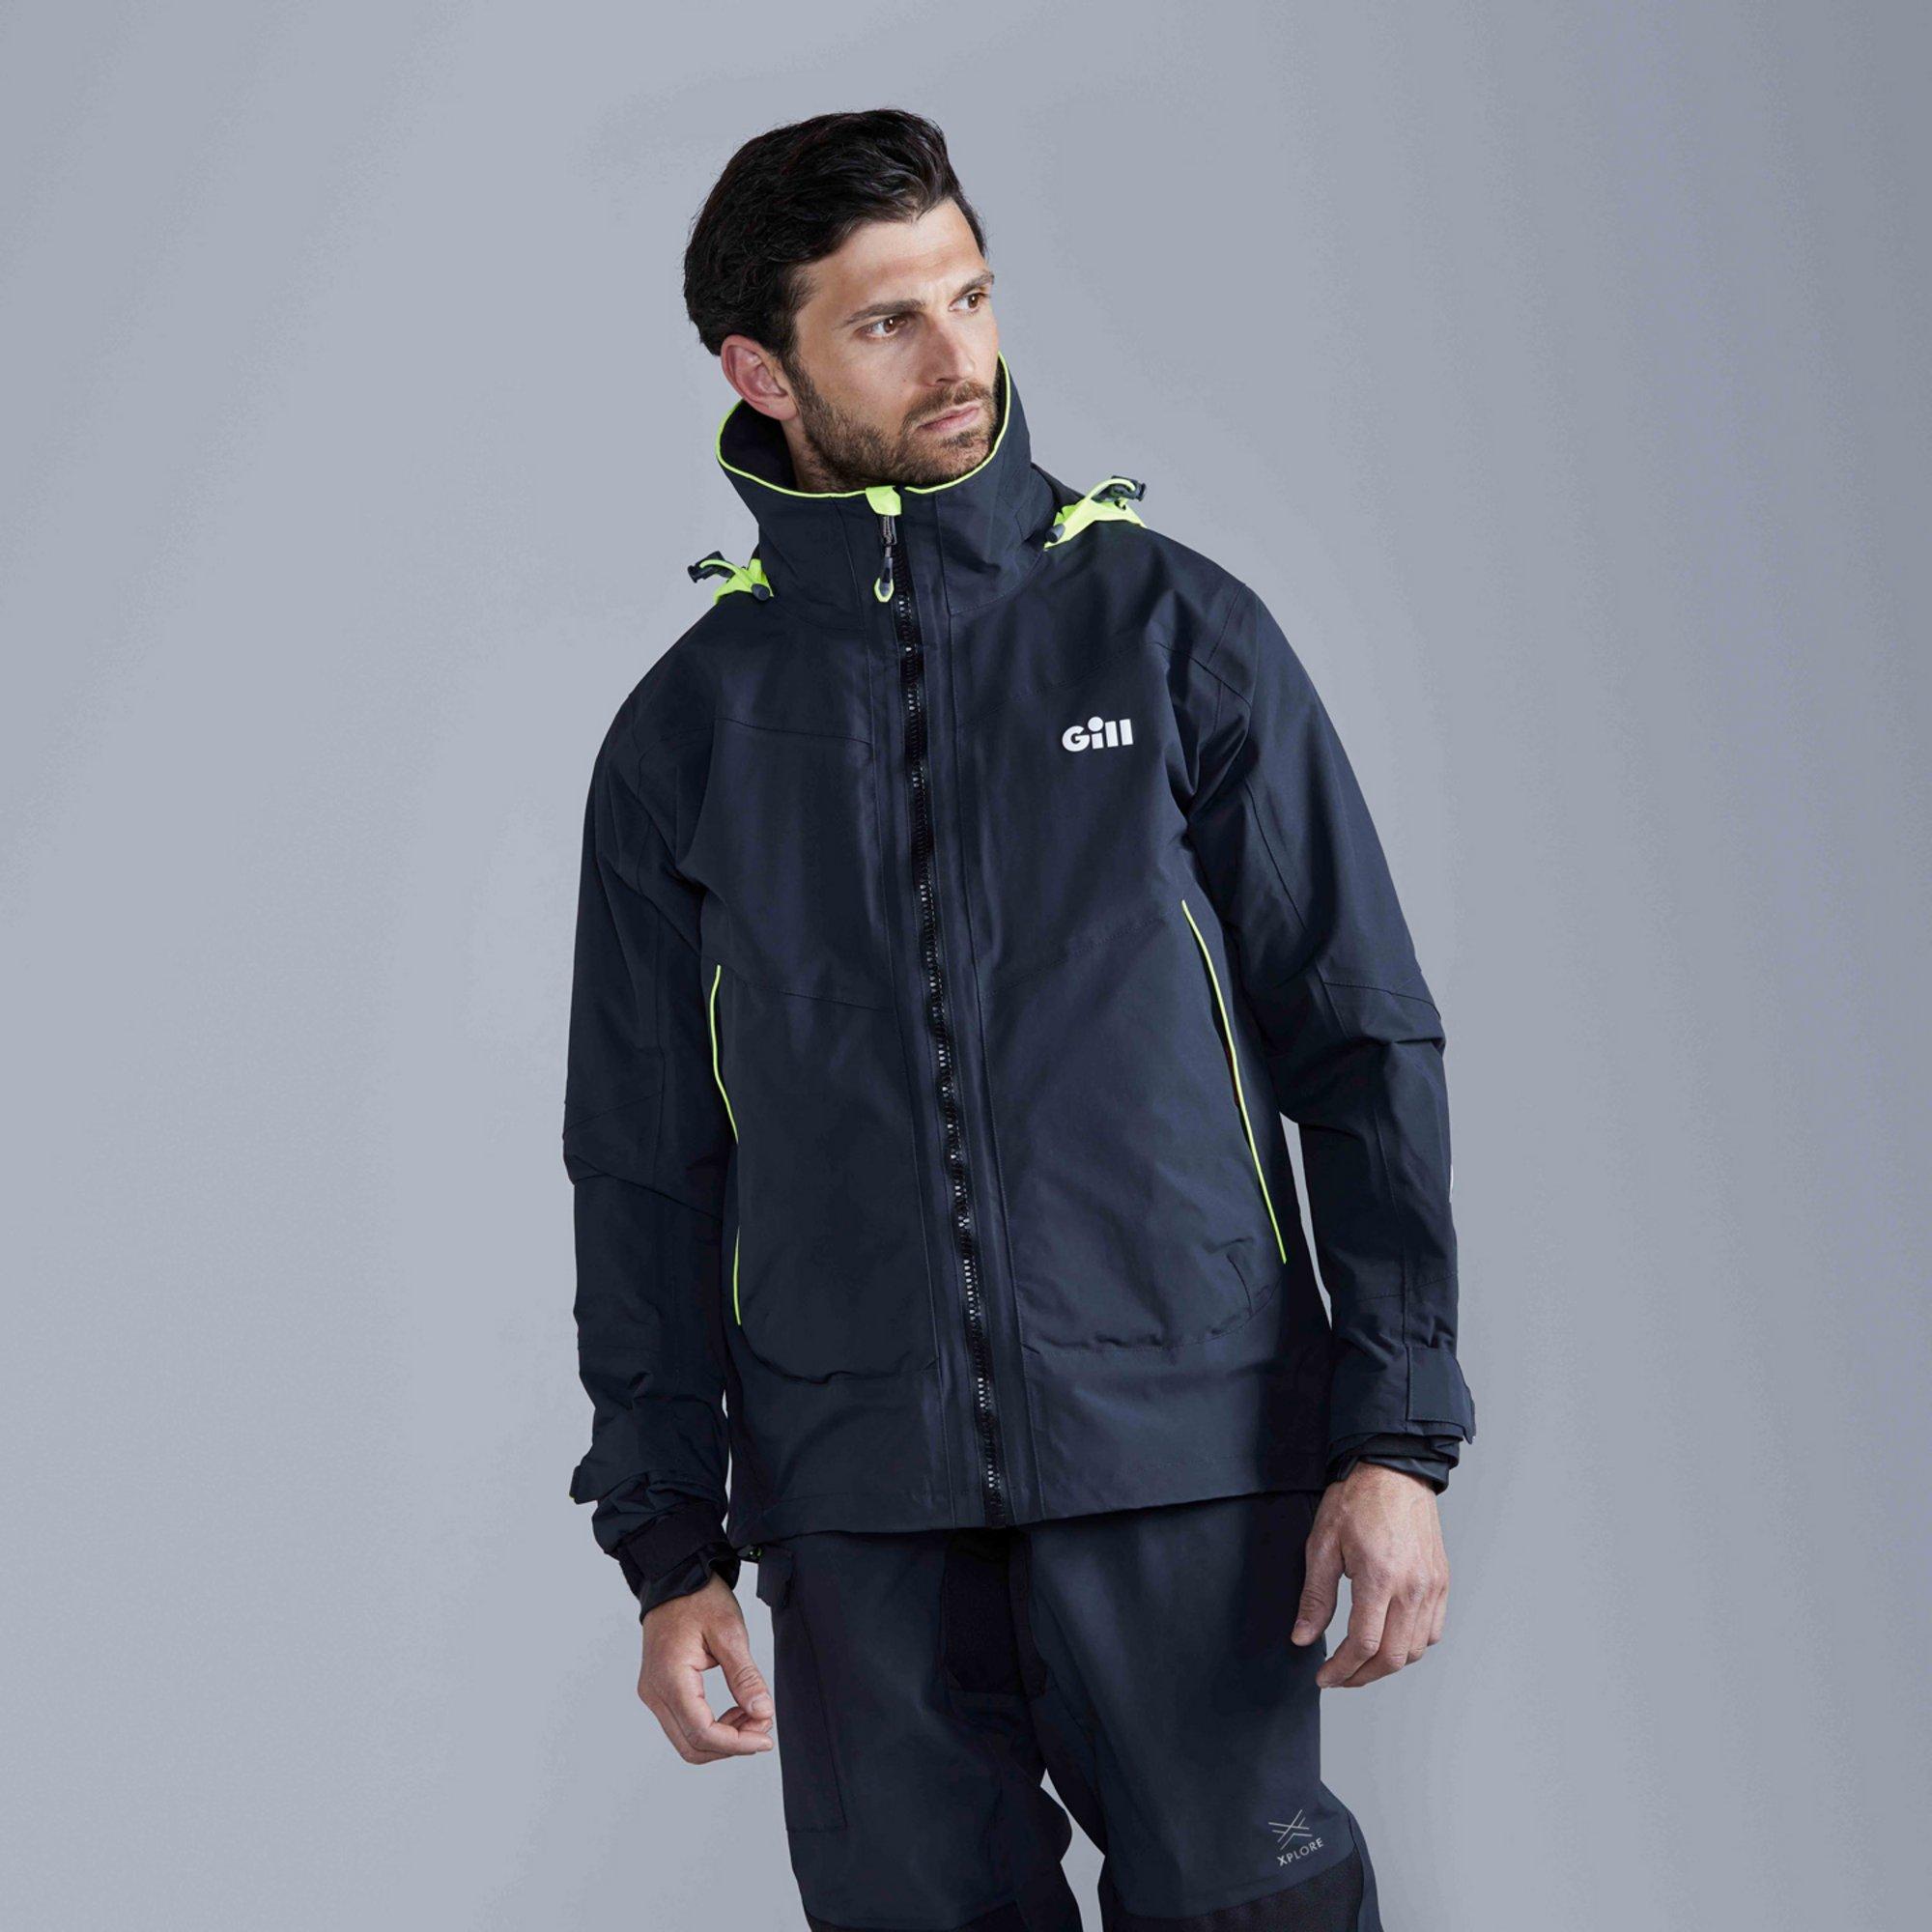 Men's OS3 Coastal Jacket - OS32J-GRA01-MODEL_11.jpg